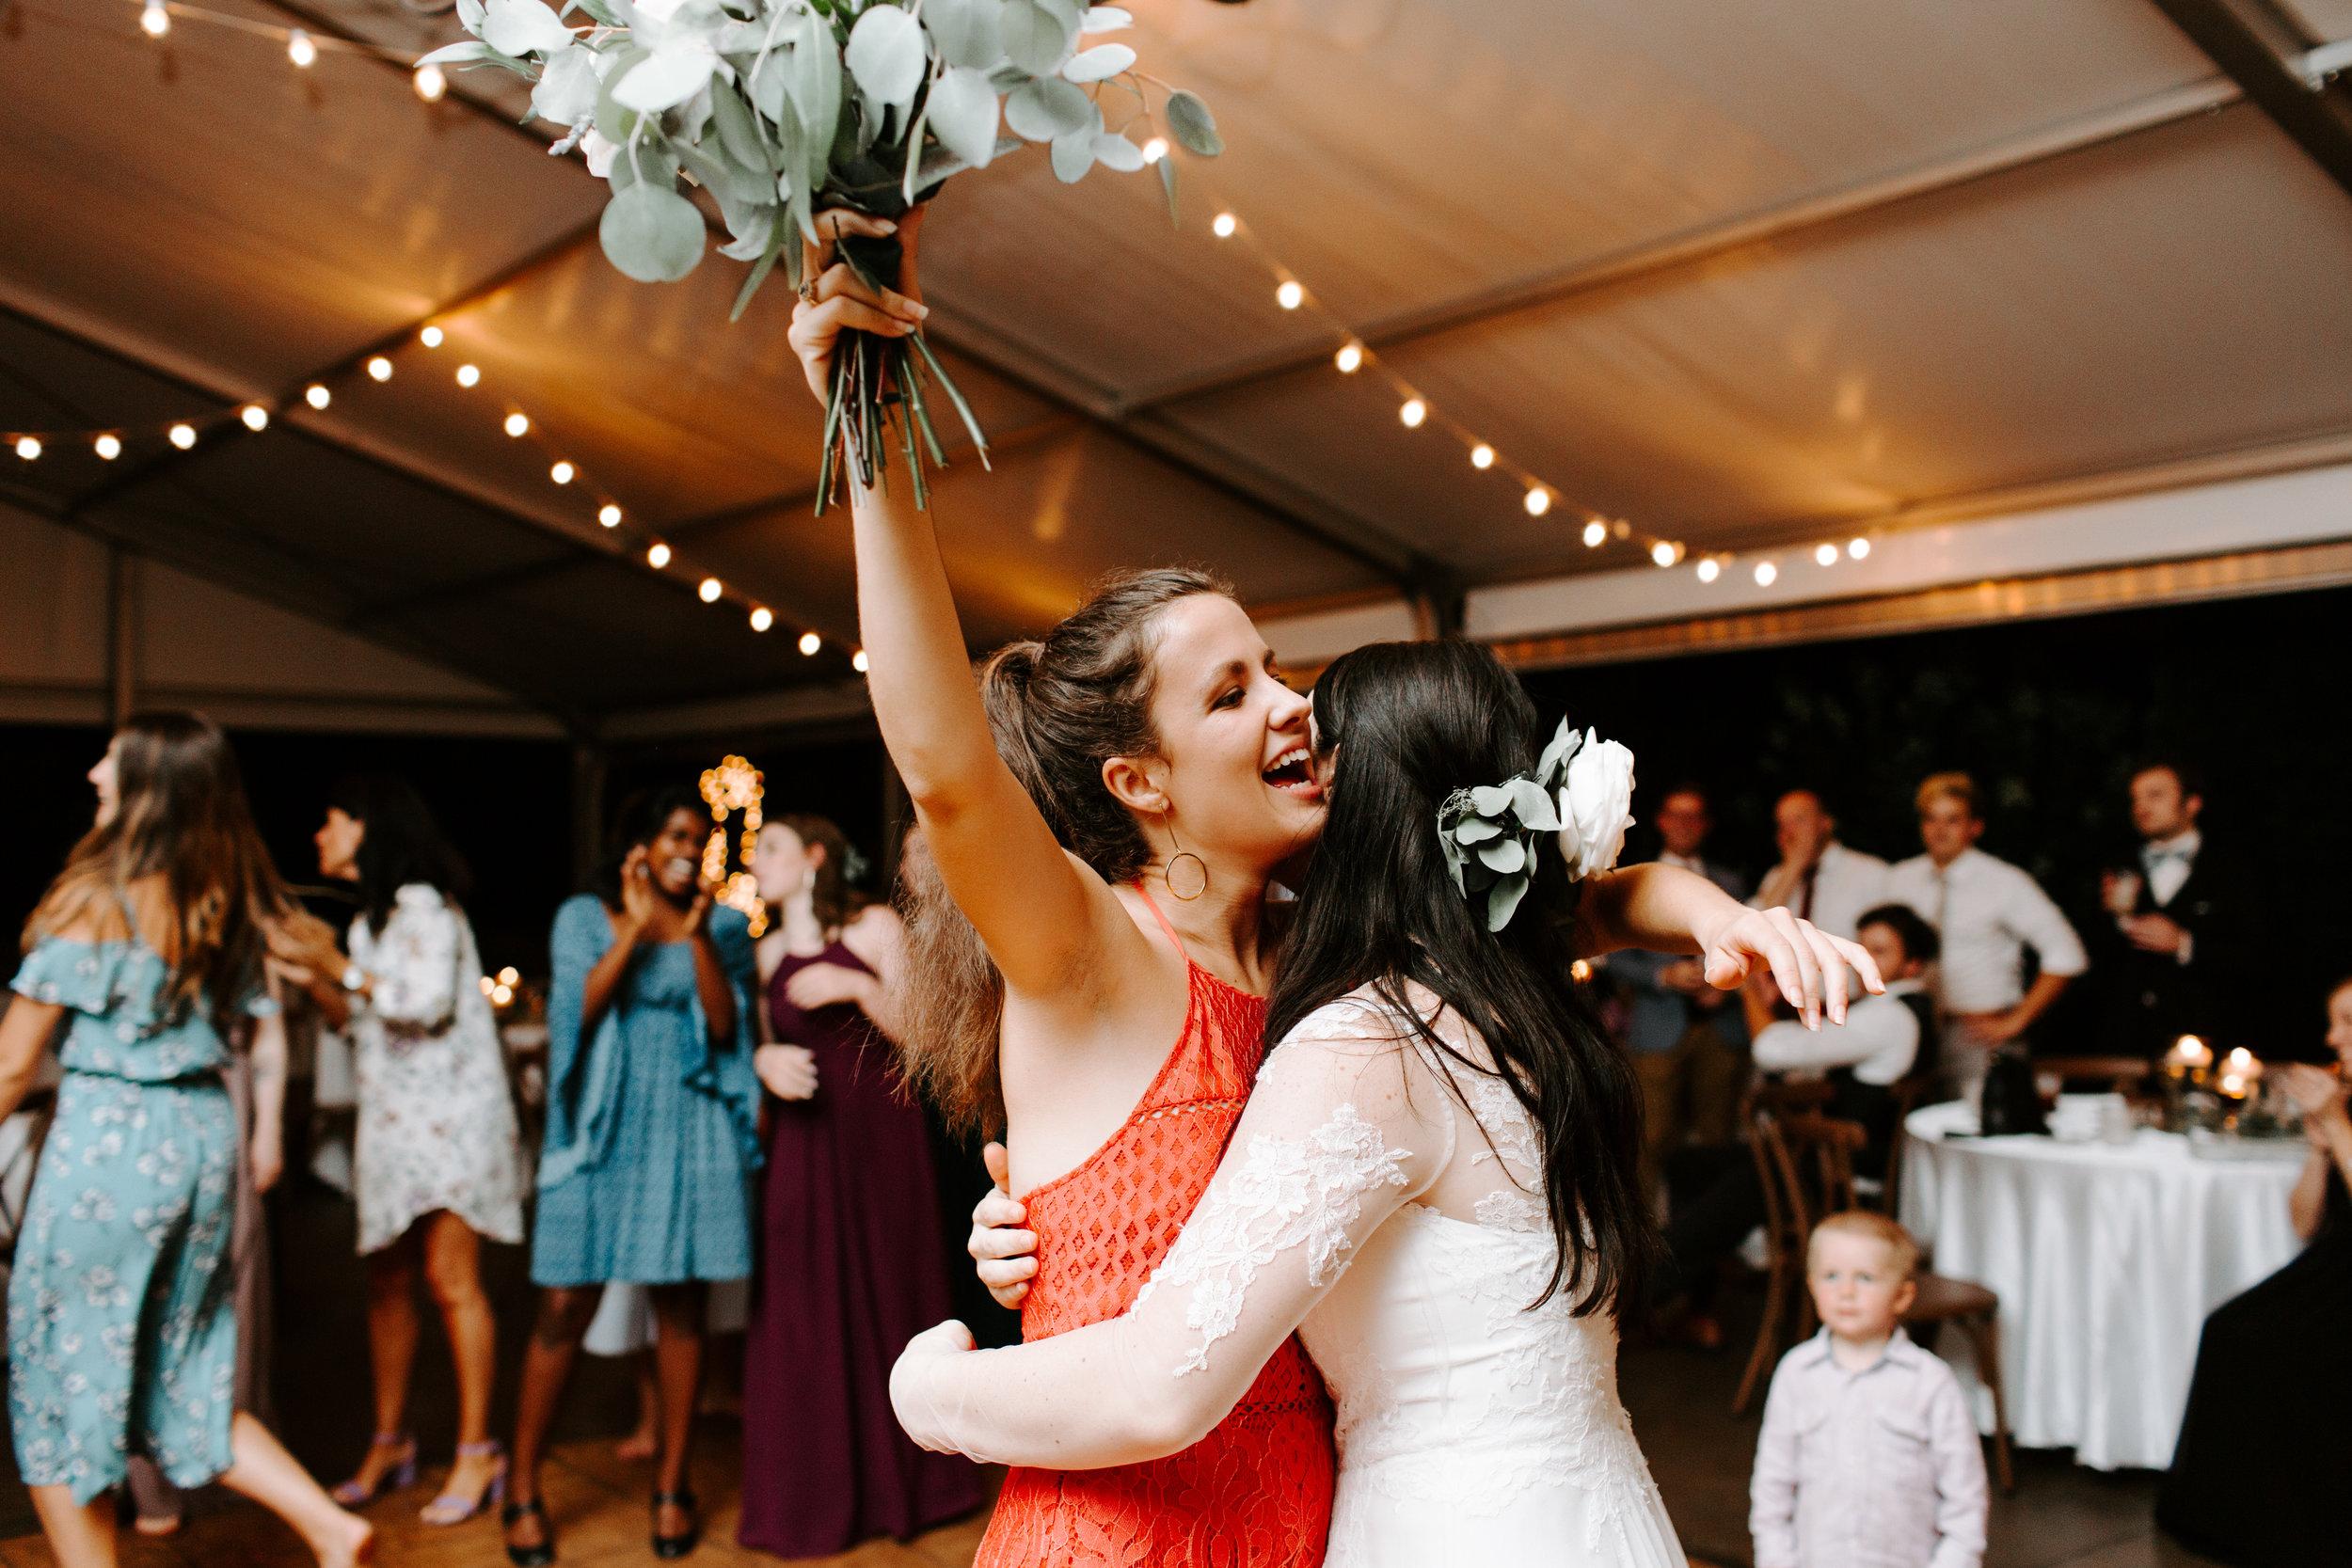 bouquet-toss-hug.jpg